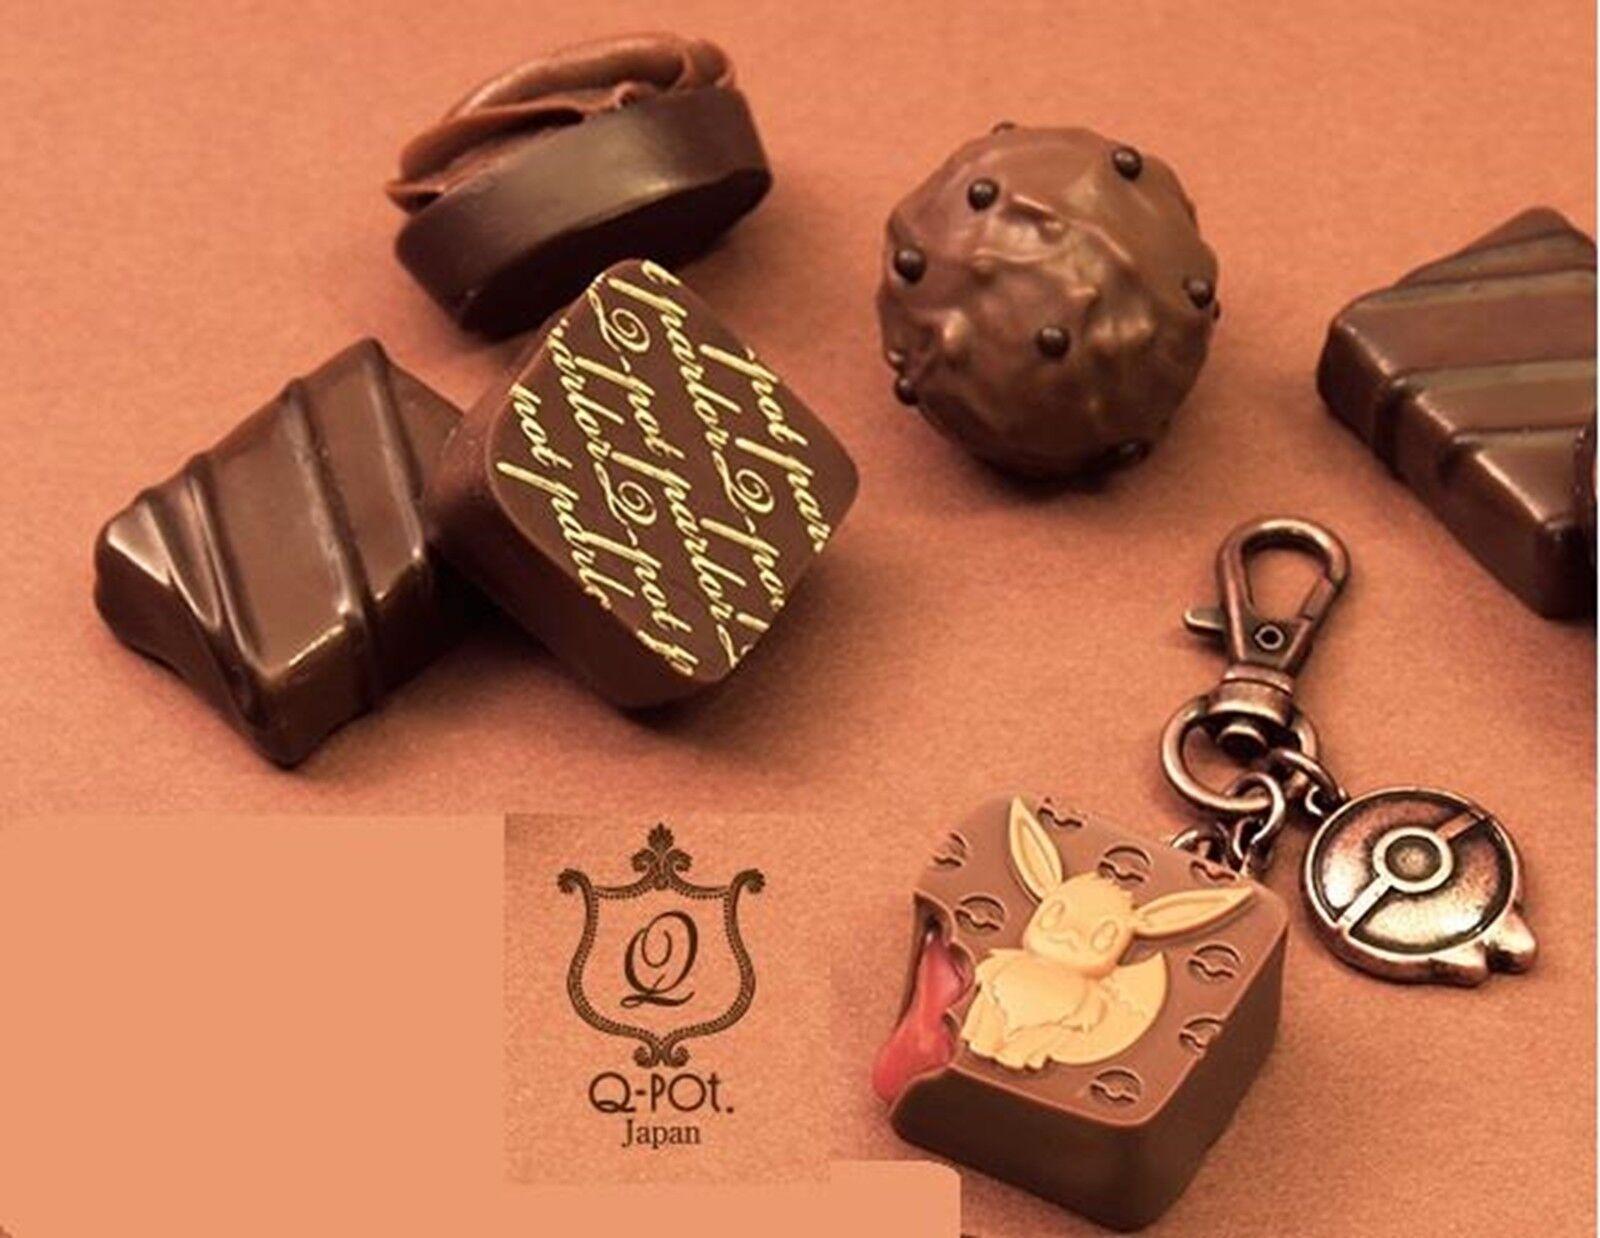 Q-pot X Pokemon Center Colaboración Chocolat Eevee Bolsa Dije Japón